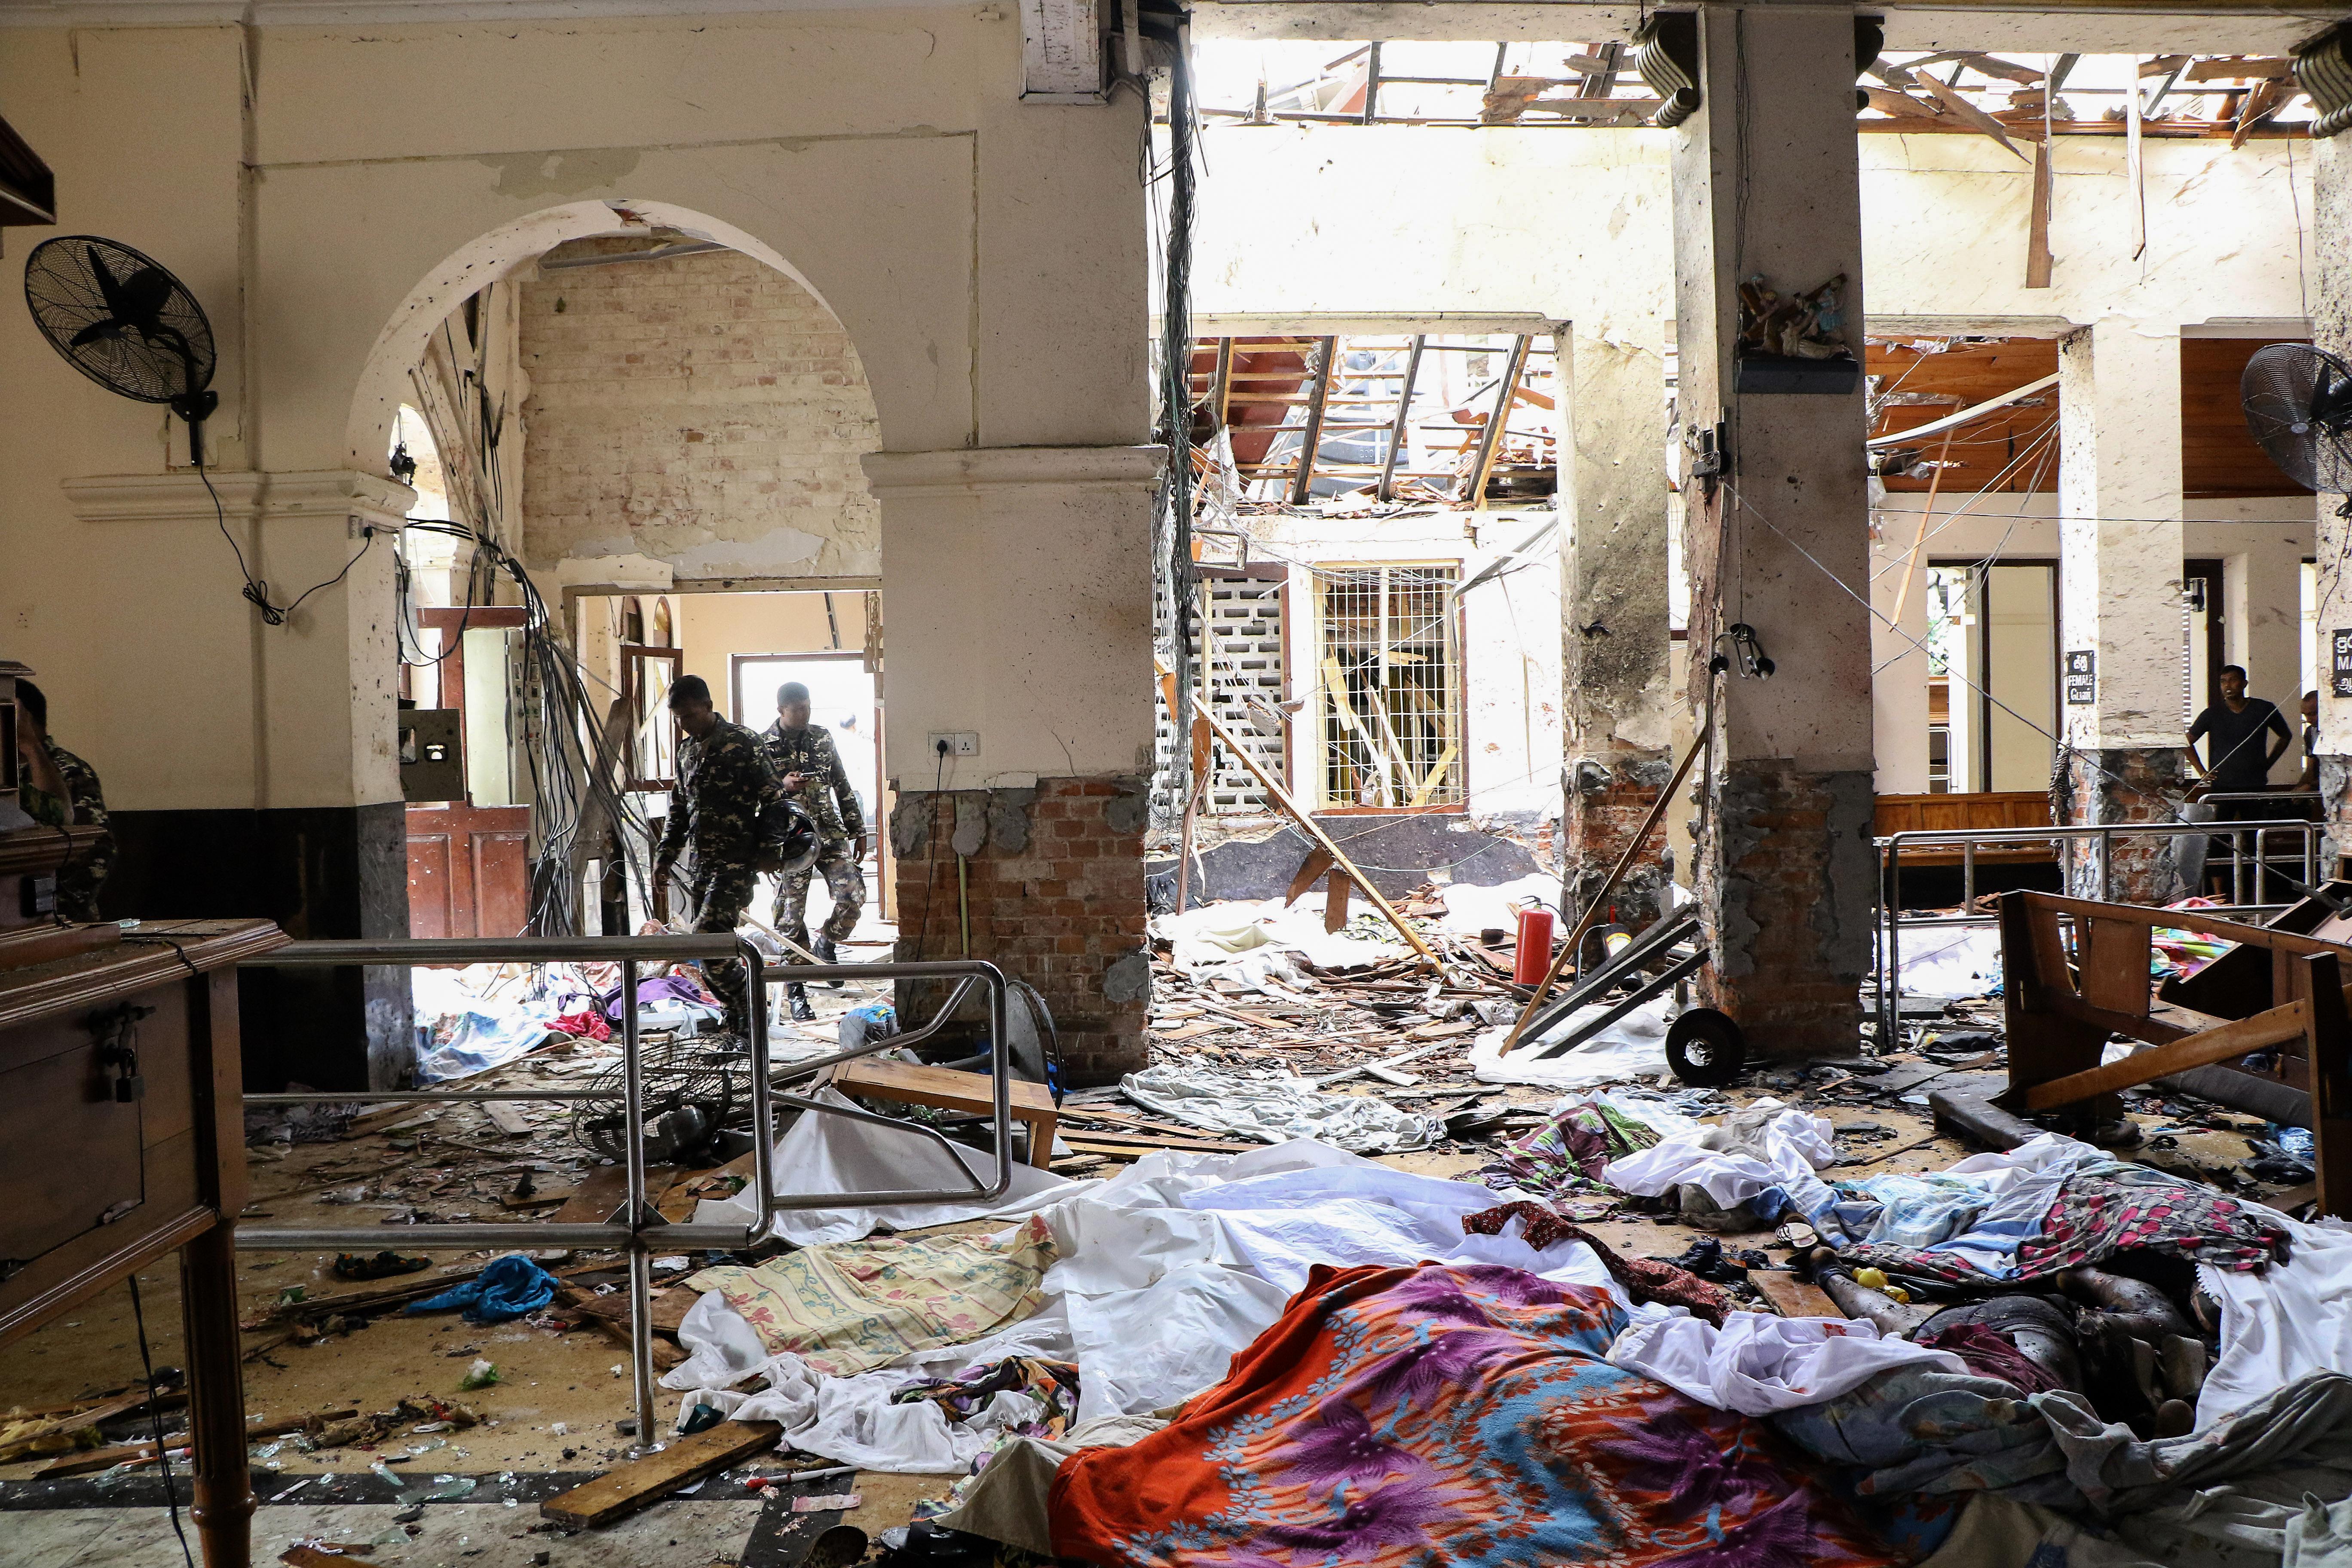 Ellenük a német hatóságok robbanóanyaggal elkövetett robbantás és más bűncselekmények miatt indítottak eljárást.